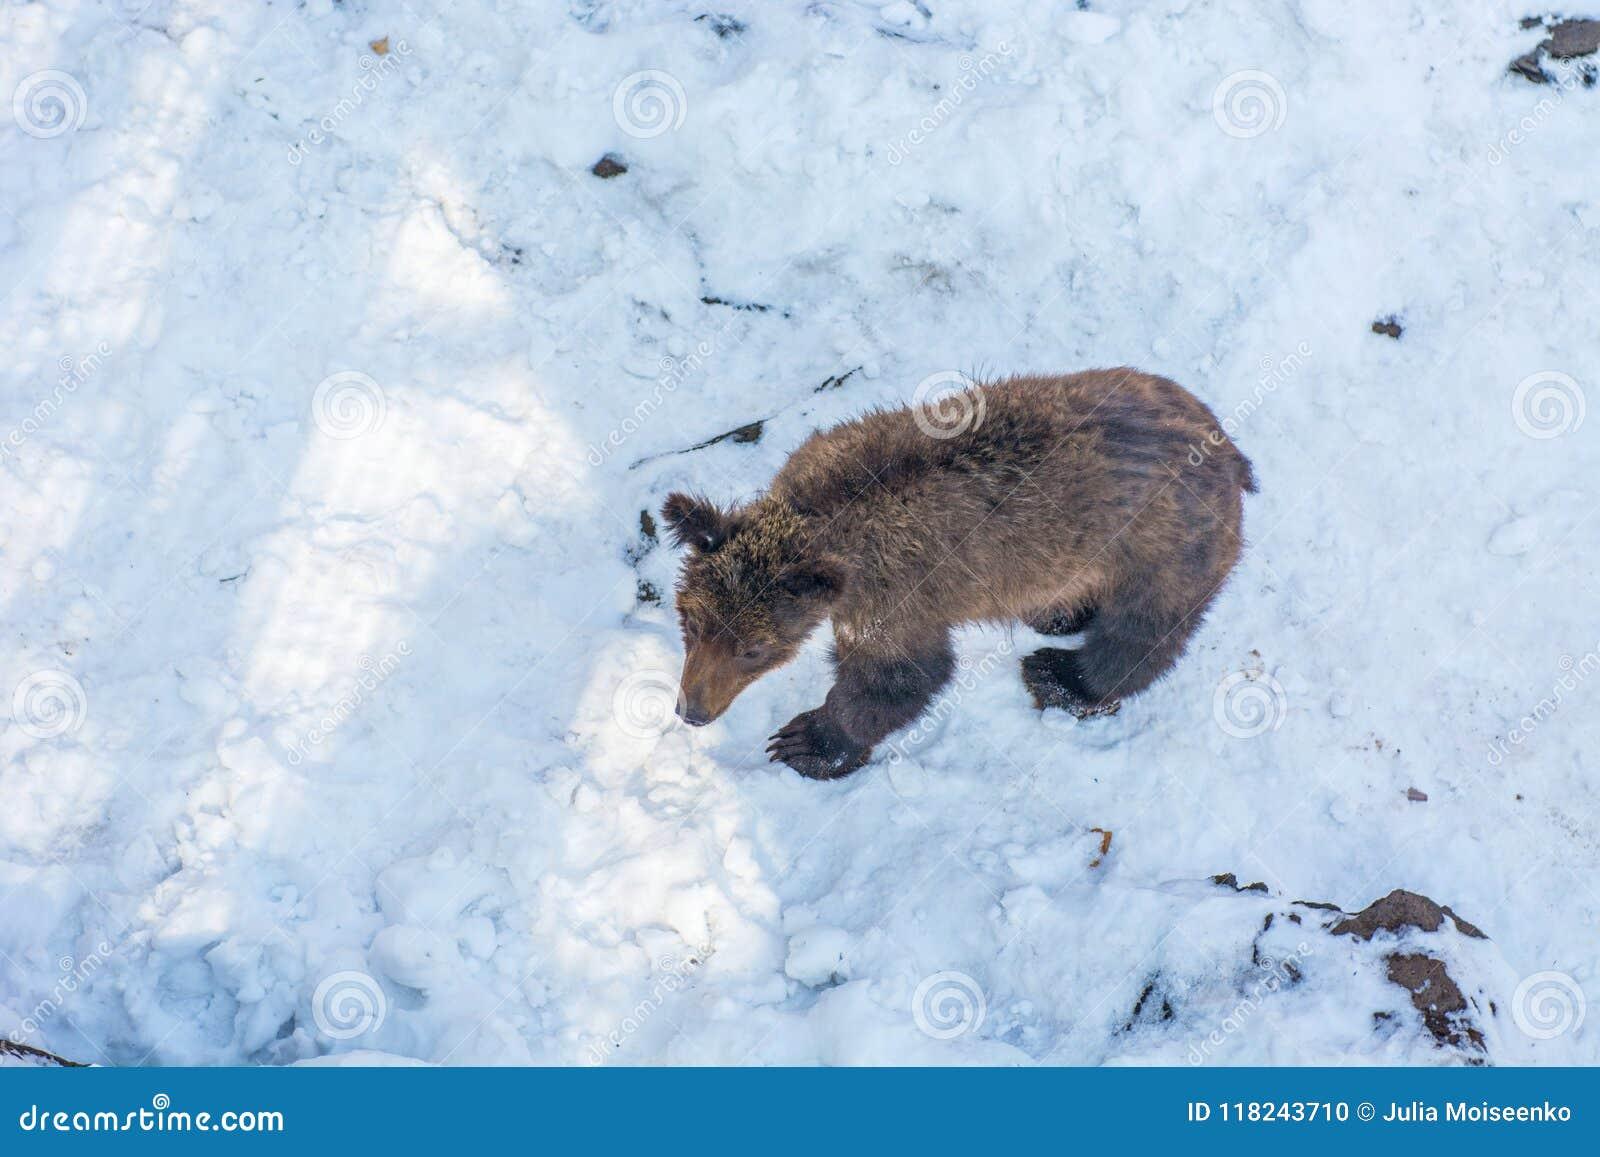 Δύο αντέχουν cubs παίζοντας στο χιόνι, τα ψηλά δέντρα και την ομοφυλοφιλική cubs πτώση